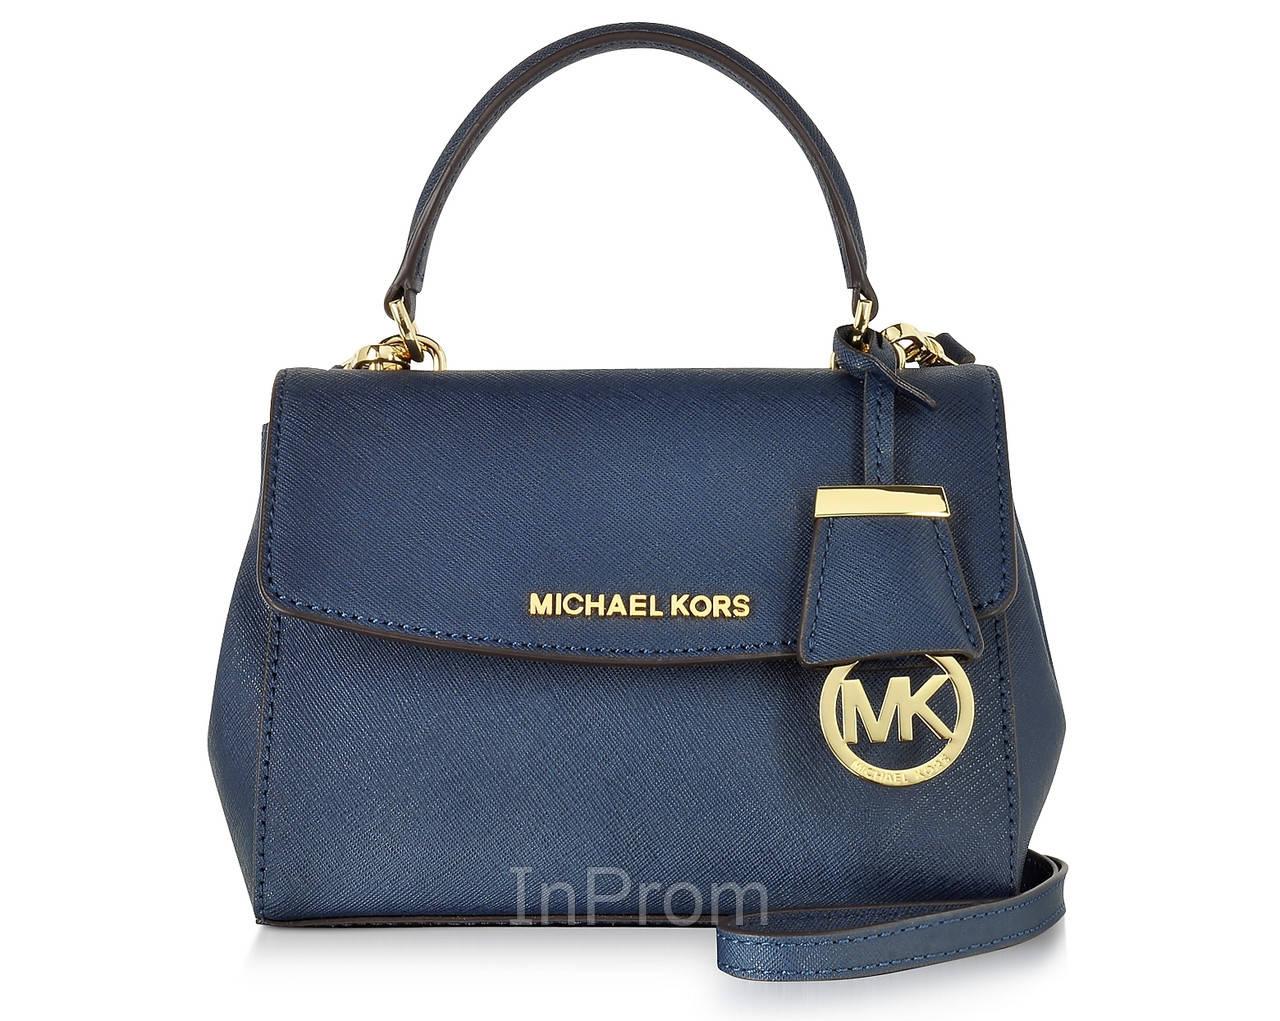 b0f9557fda23 Копия сумки Michael Kors Ava Medium Blue купить в Украине, купить в ...